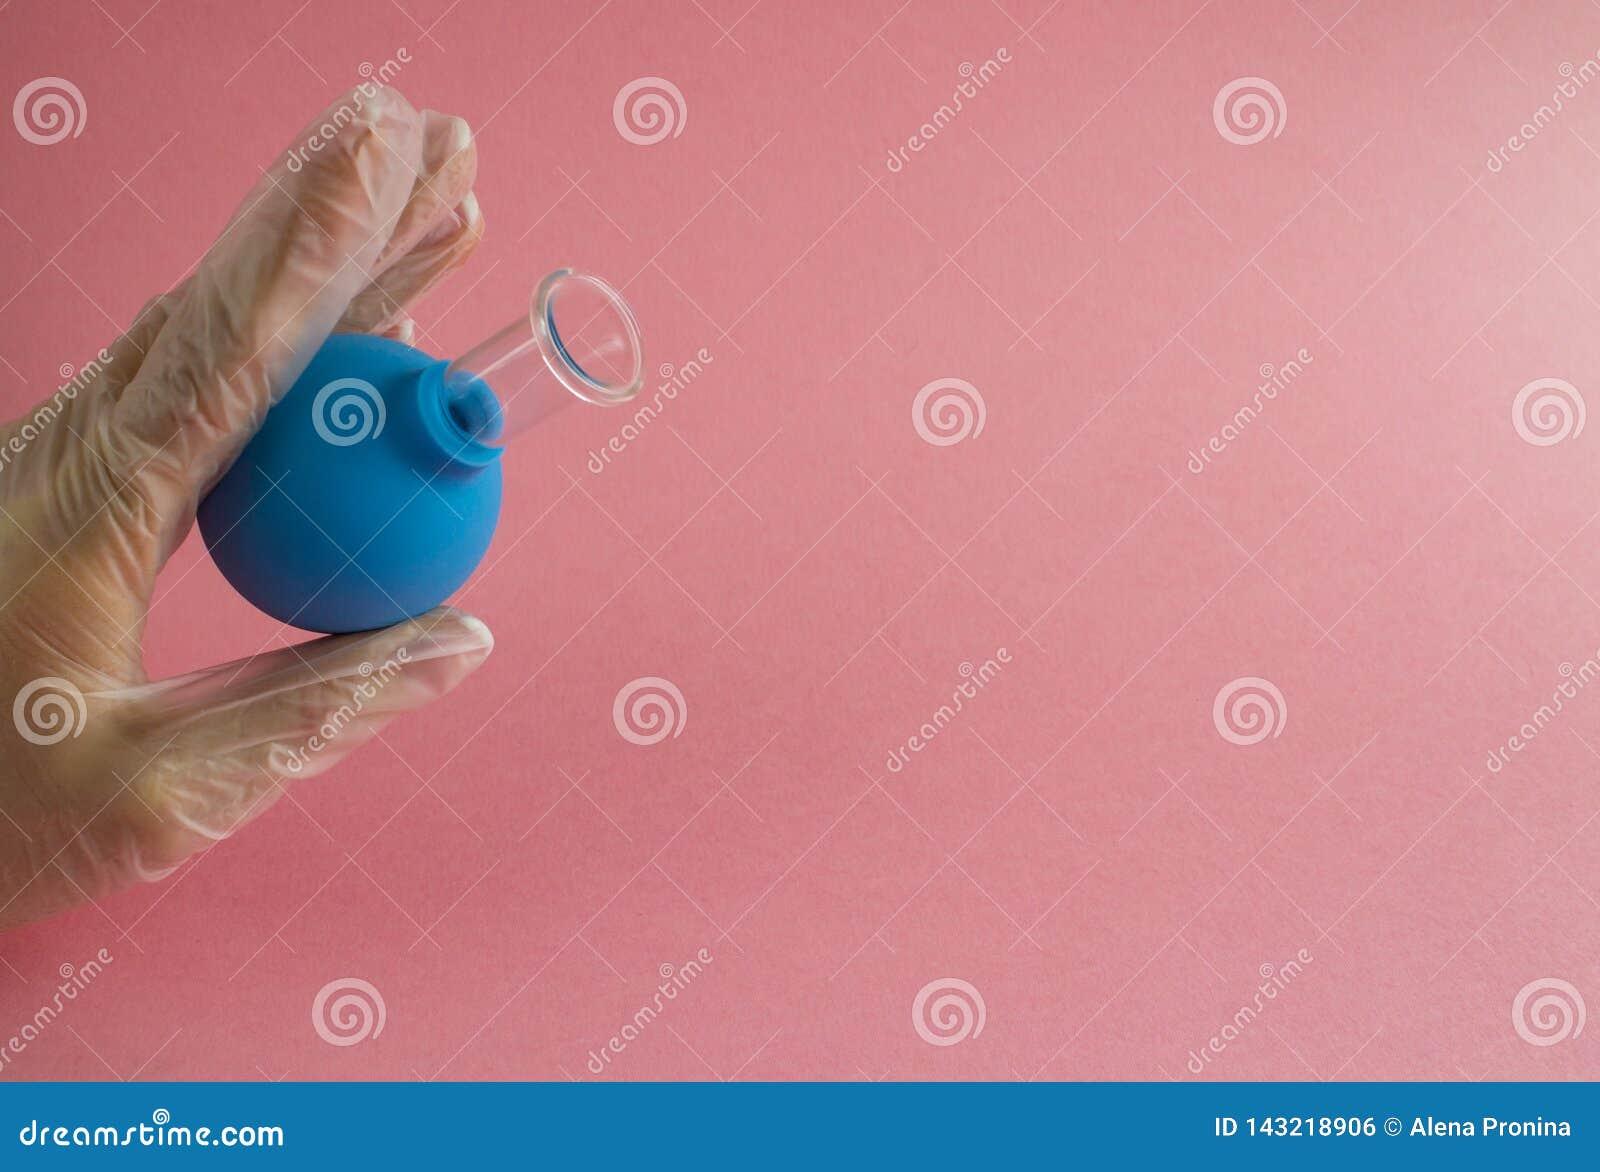 Женская рука с французским маникюром в перчатке медицины держит голубой косметический медицинский опарник для массажа вакуума лиц